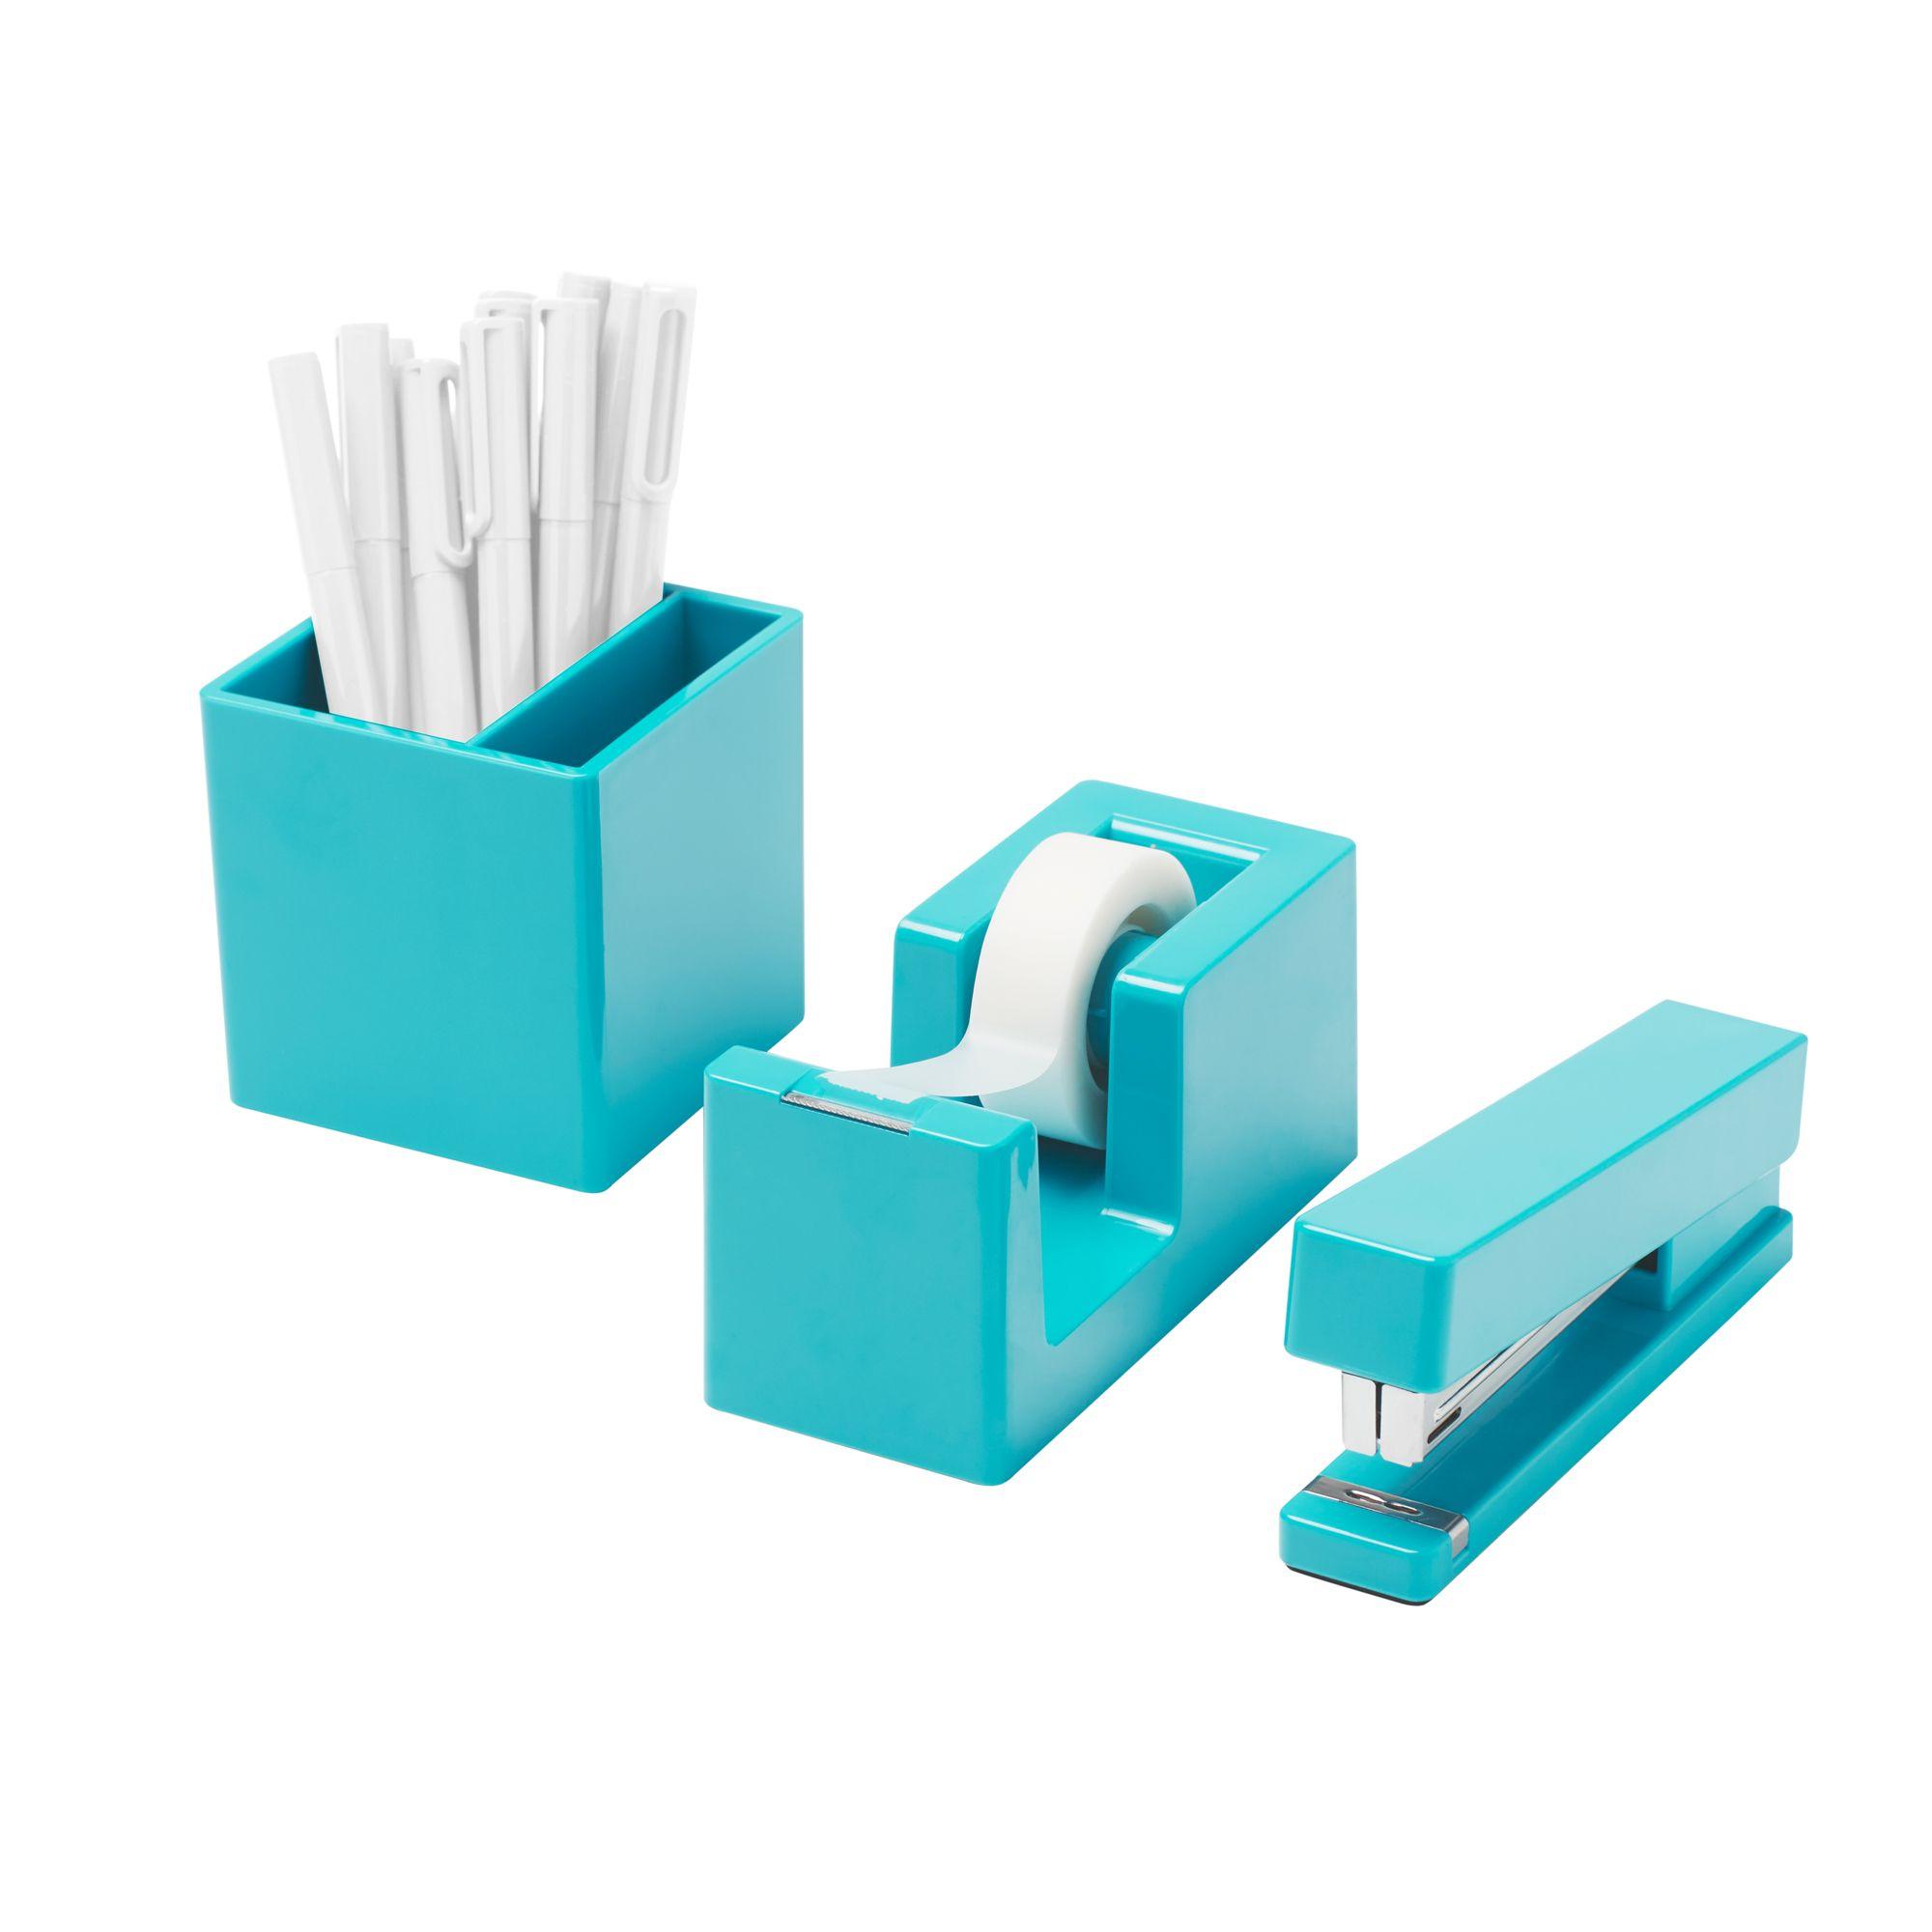 aqua starter set clinique counter aqua office cool office rh pinterest com